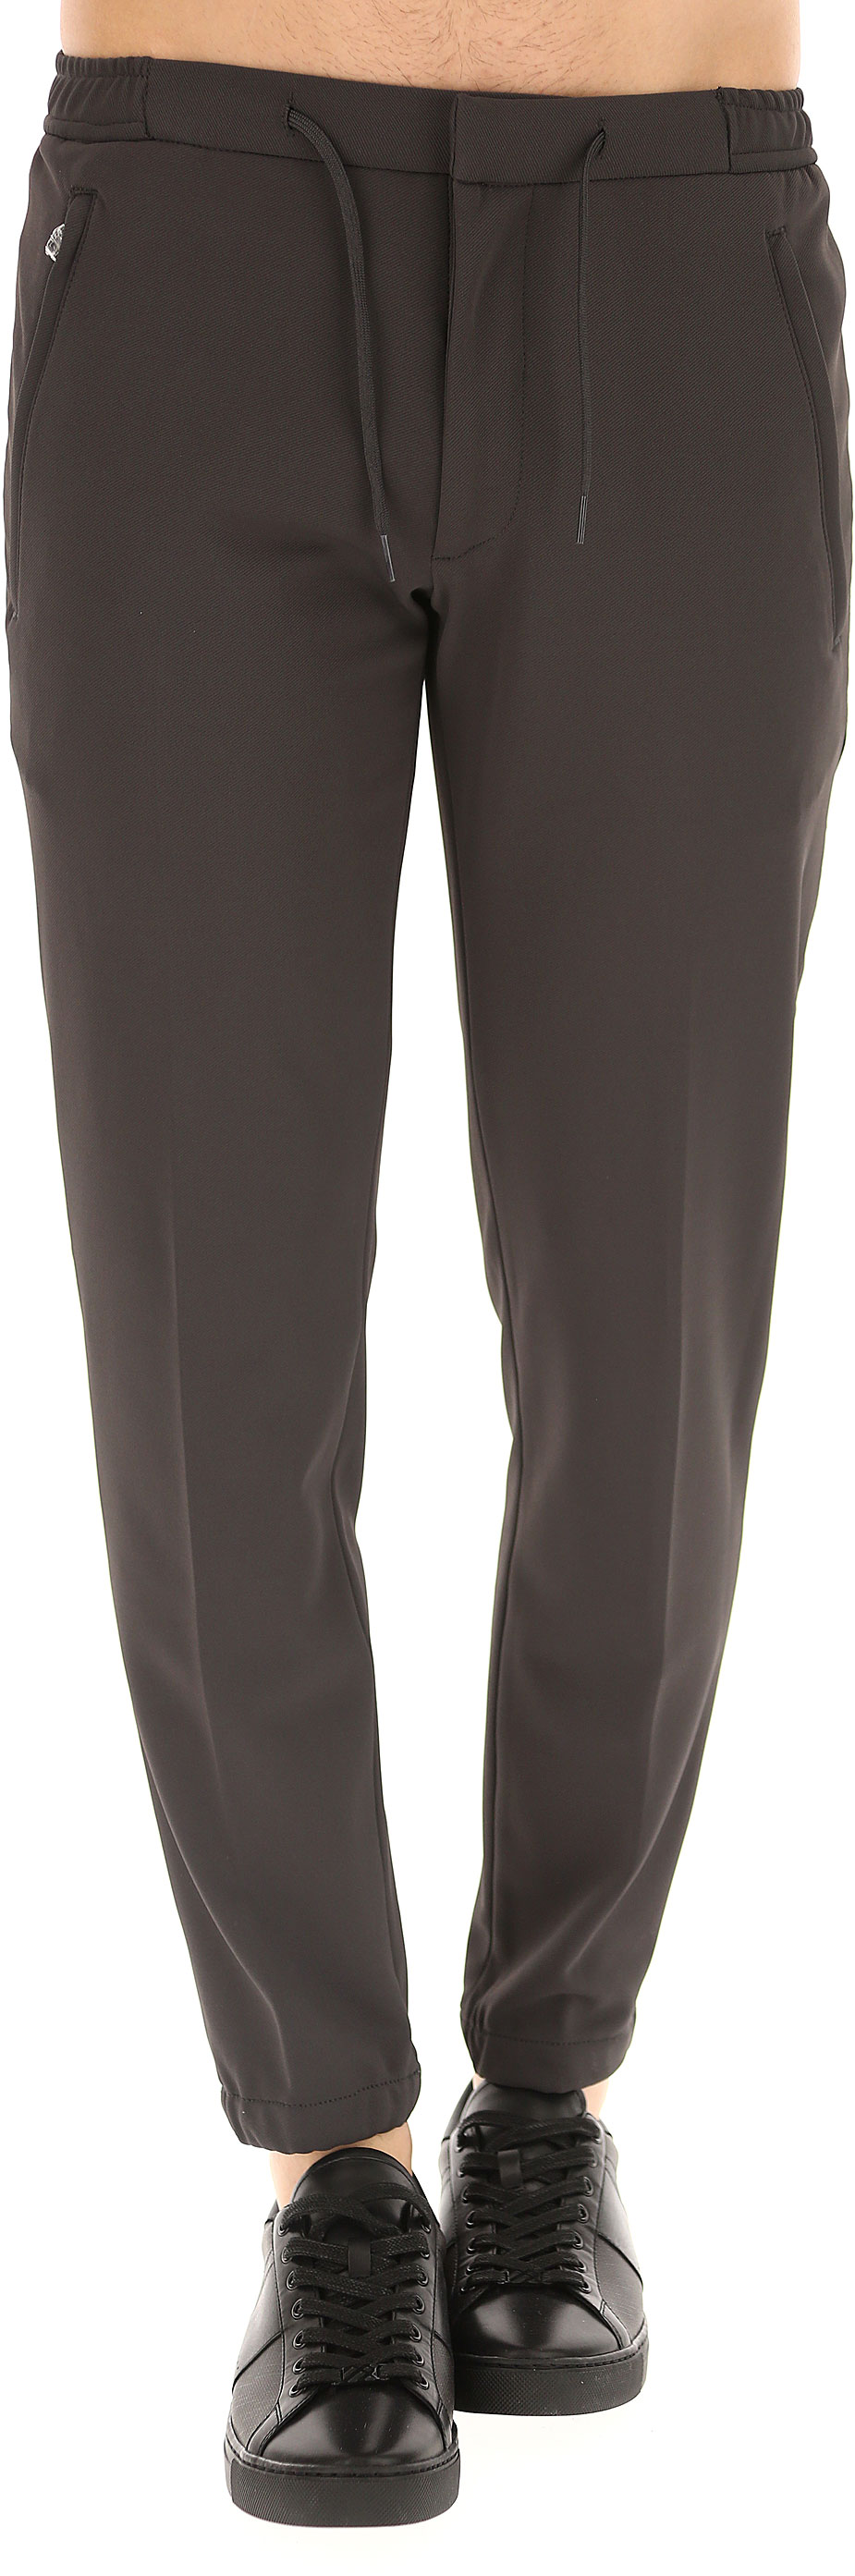 Abbigliamento Uomo Emporio Armani Codice Articolo 3z1pm4-1jqz-0998